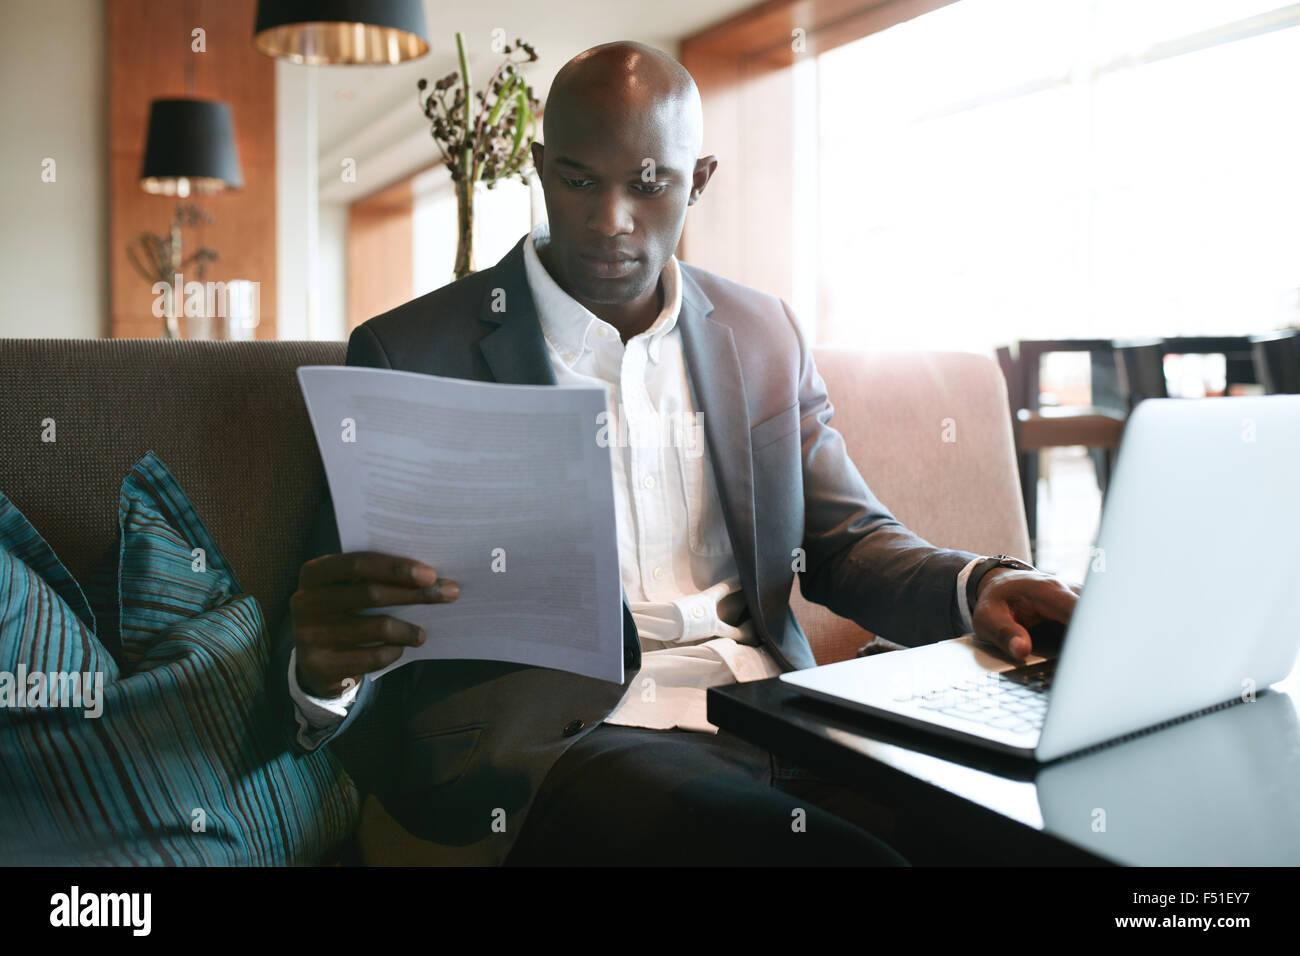 Immagine del giovane imprenditore un salotto caffetteria dell'hotel la lettura di un documento mentre si lavora Immagini Stock